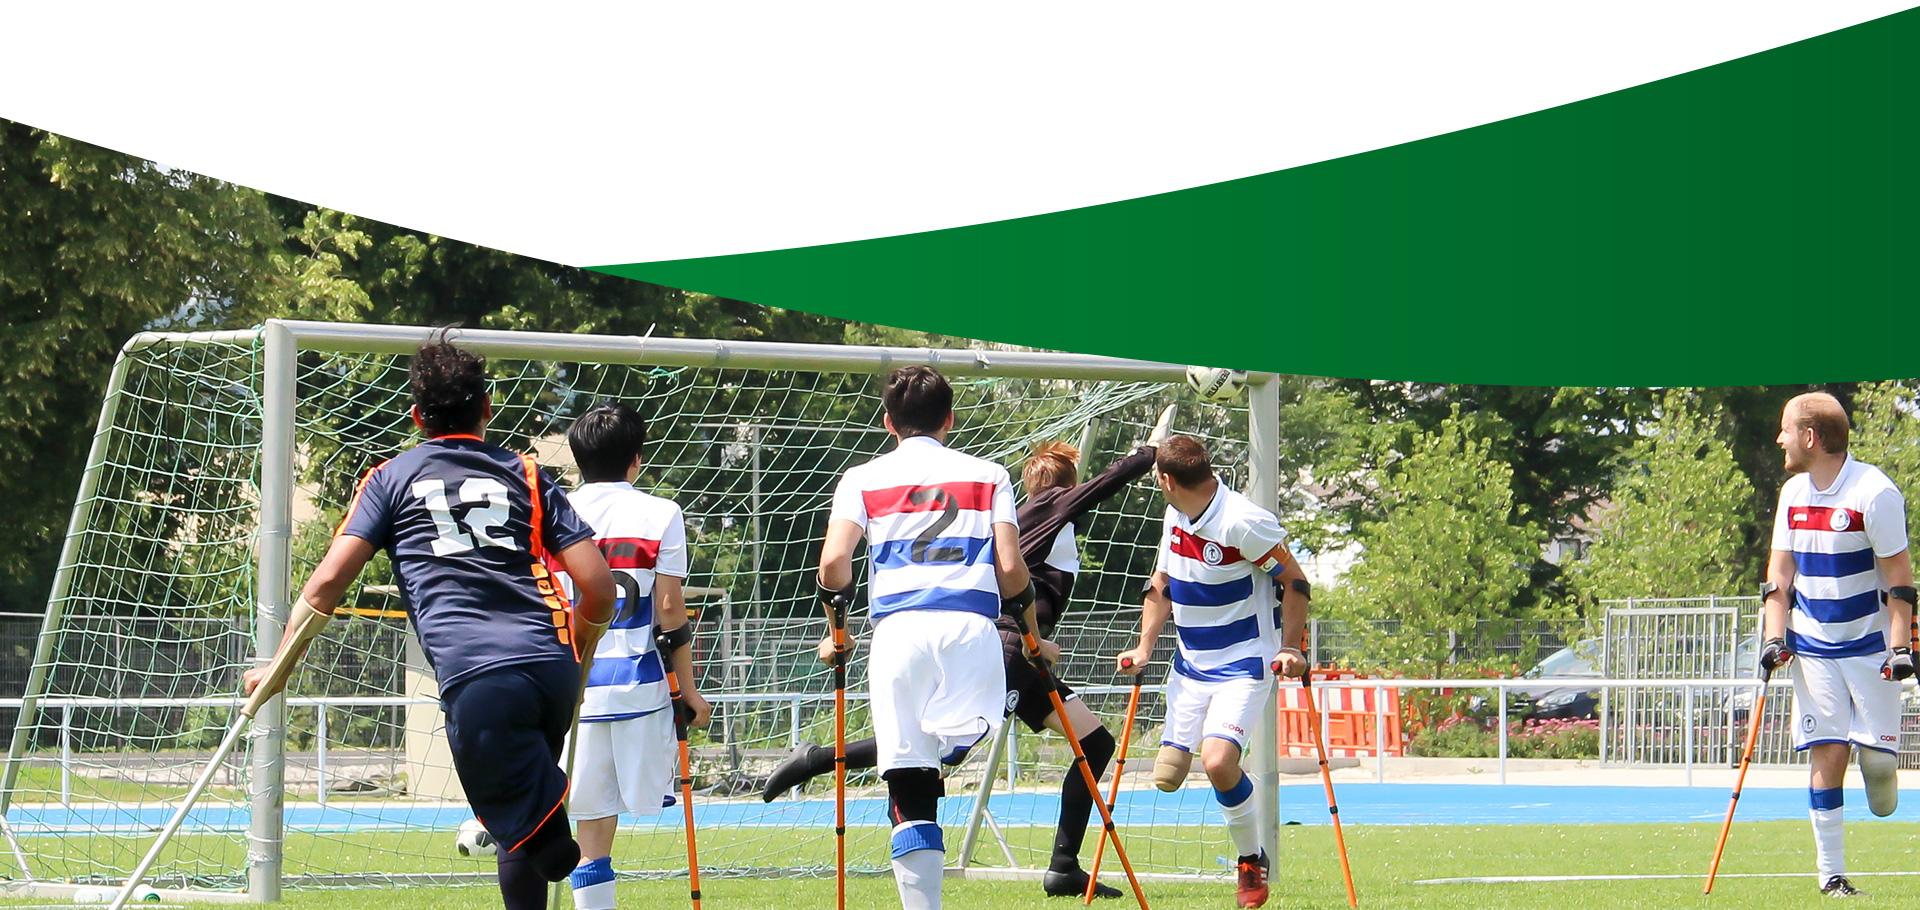 Abschlußbild Turniere: Amputierten Fußballmannschaft beim Spiel aufs Tor. Der Torwart erreicht gerade noch den Ball am Torpfosten